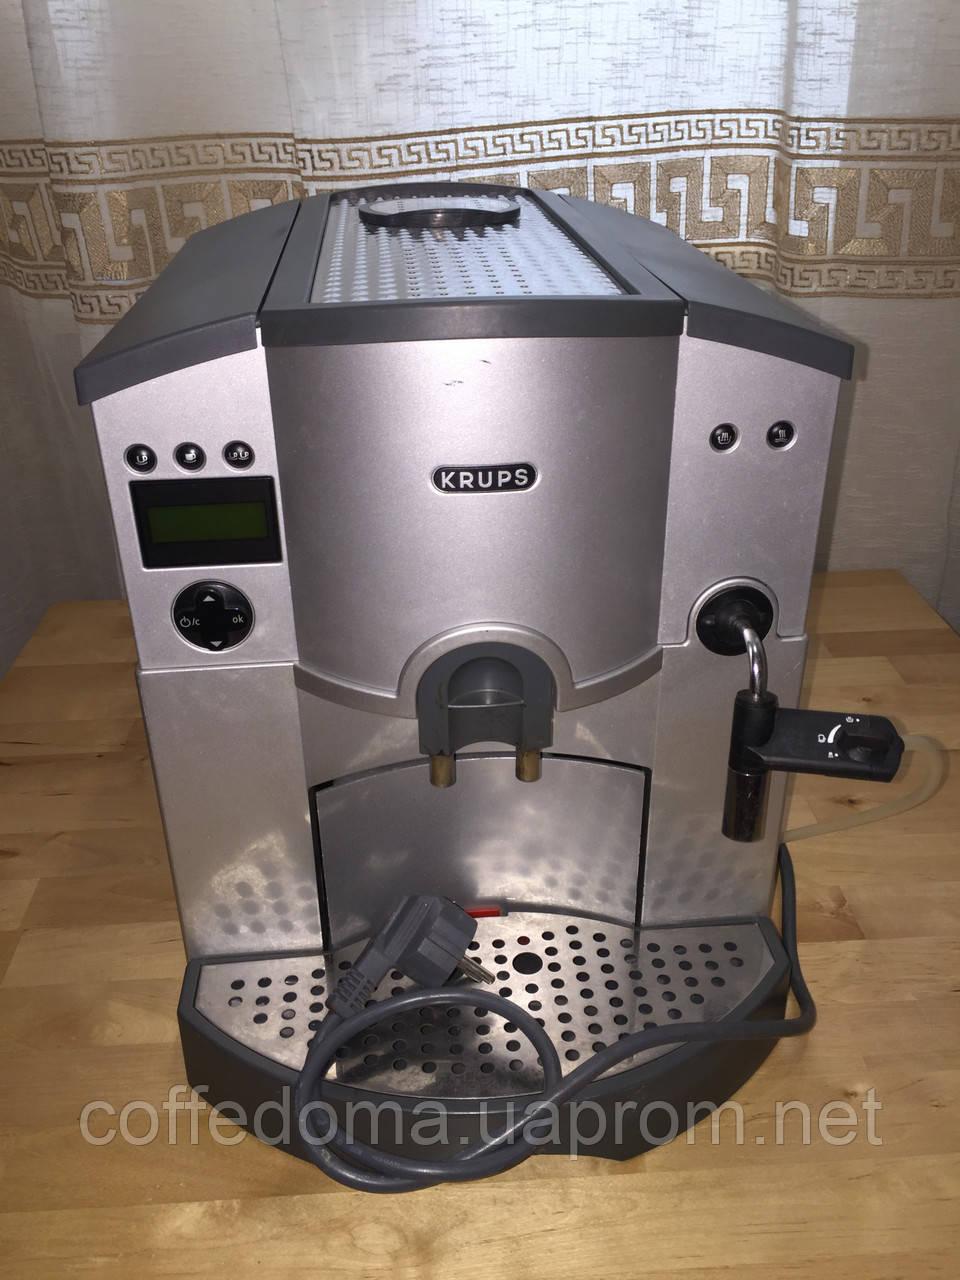 Krups Fnf2 автоматическая кофемашина с капучинатором